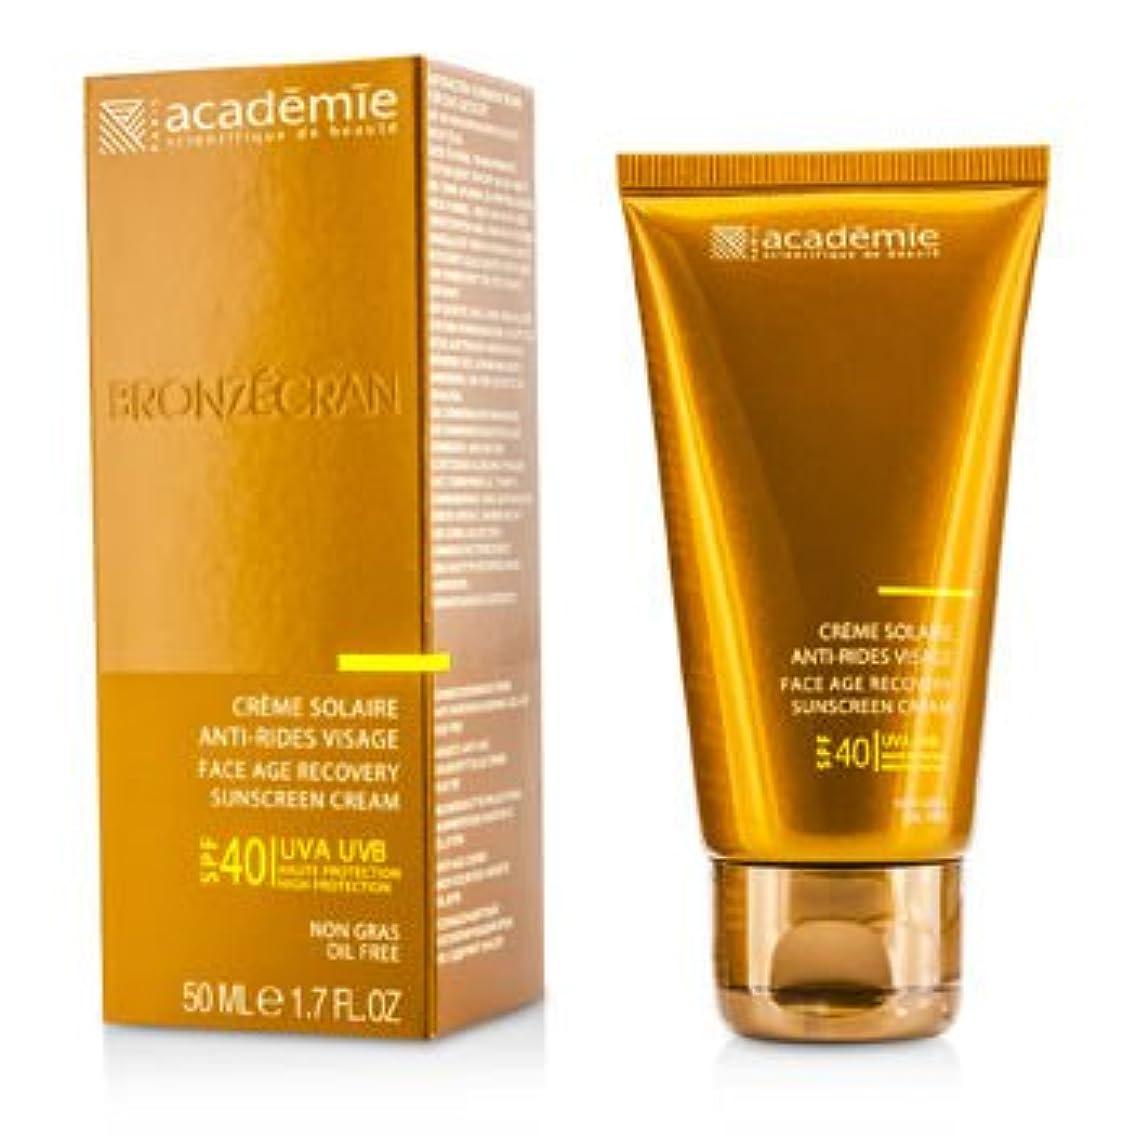 浸透する古風ないちゃつく[Academie] Scientific System Face Age Recovery Sunscreen Cream SPF40 50ml/1.7oz